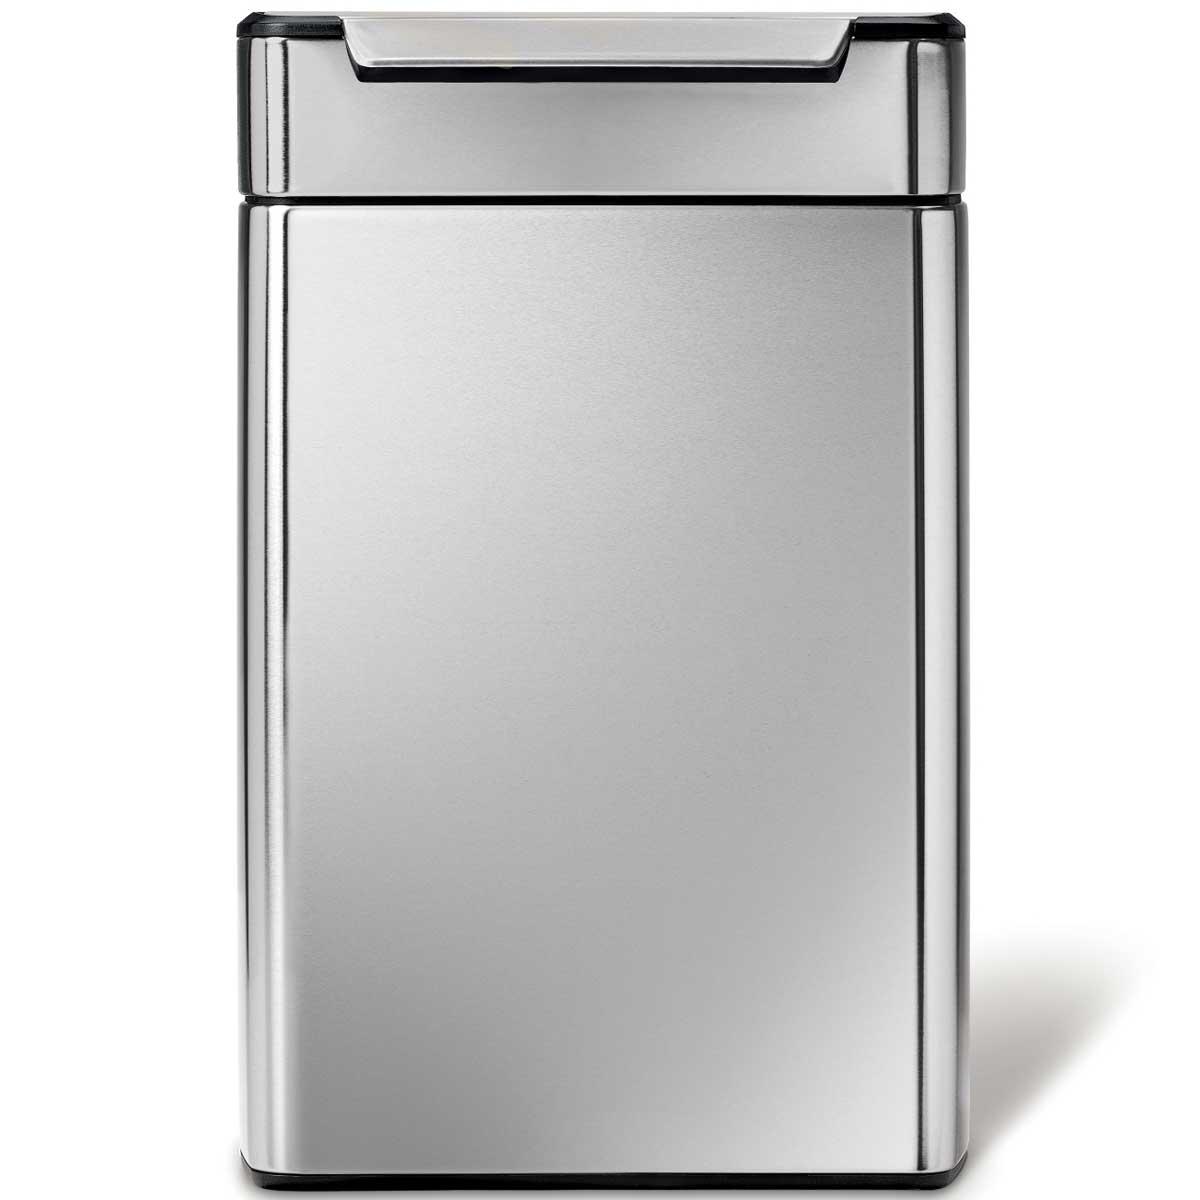 simplehuman ゴミ箱 タッチバーカン ふた付き ダストボックス ごみ箱 シンプルヒューマン 正規品 メーカー保証付き CW2018 分別 角型48L(24L/24L)